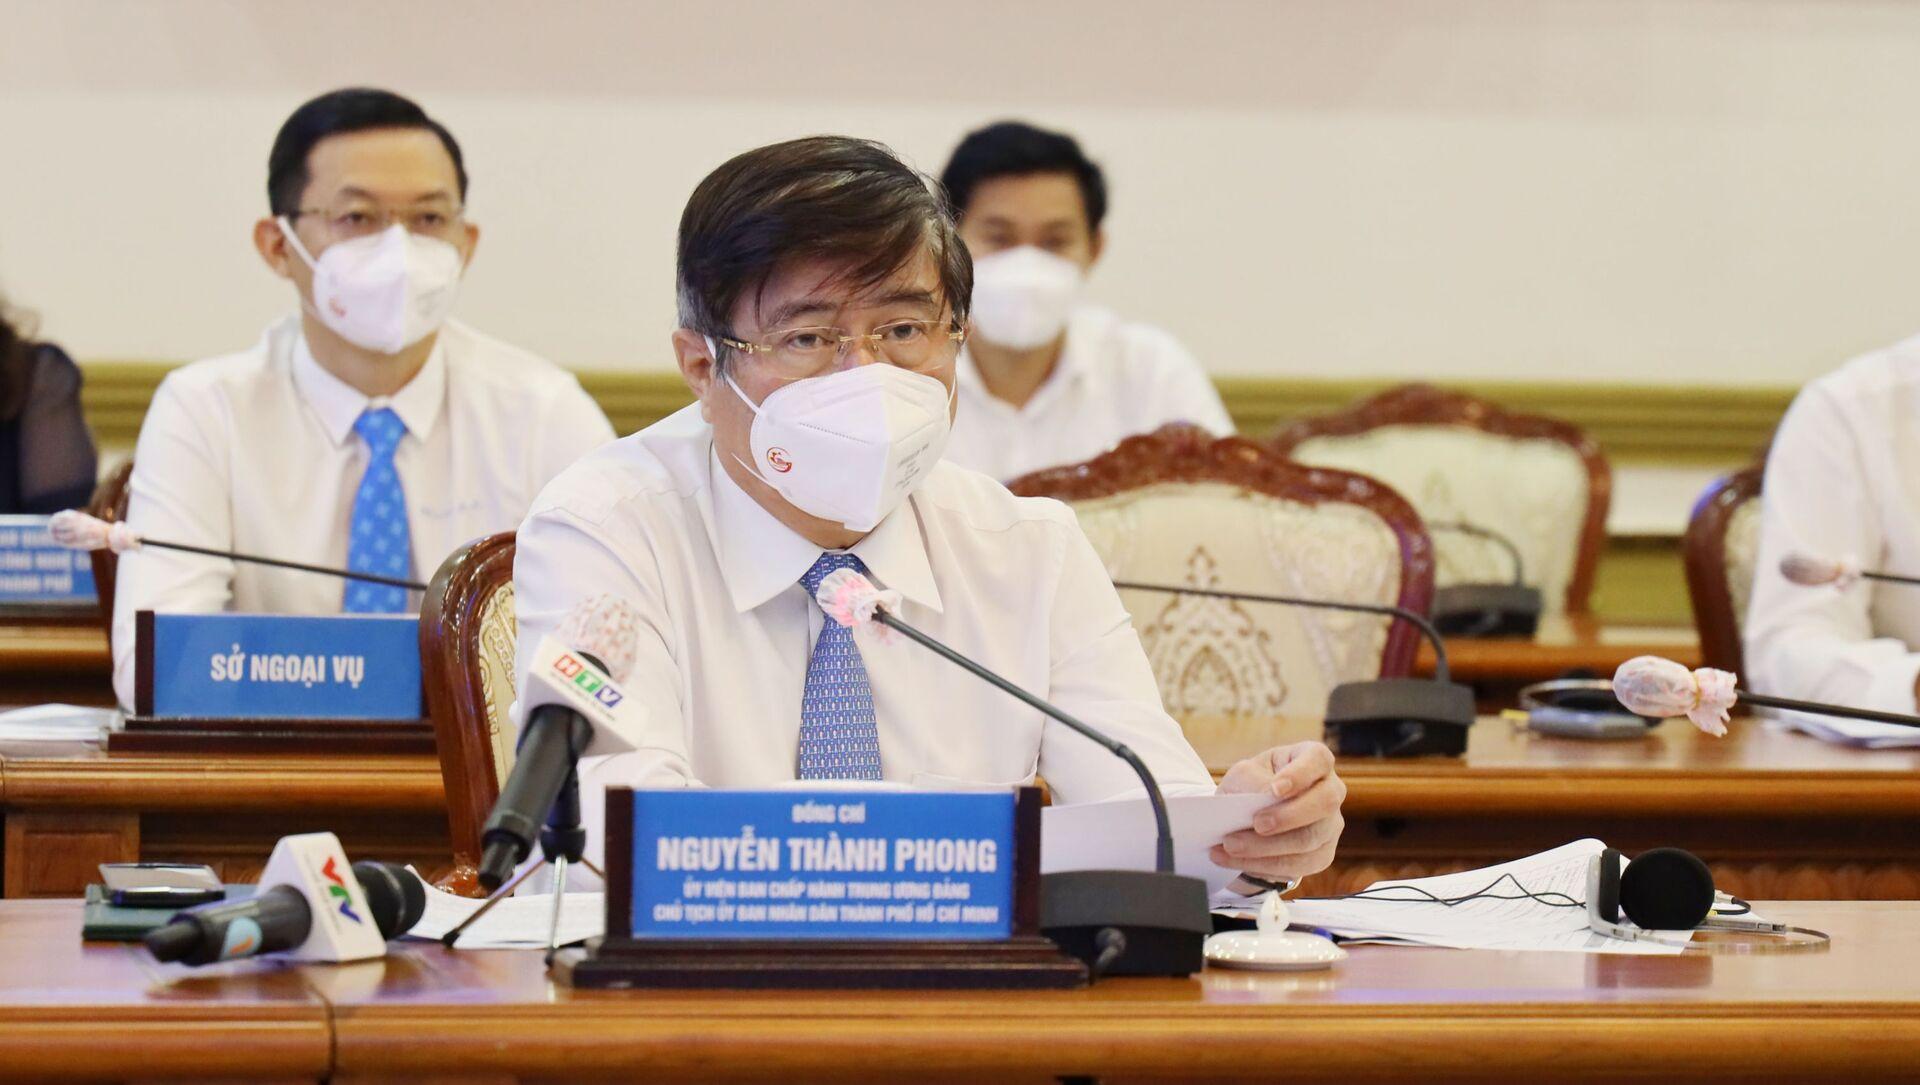 Ông Nguyễn Thành Phong, Chủ tịch UBND Tp. Hồ Chí Minh phát biểu tại hội nghị. - Sputnik Việt Nam, 1920, 23.08.2021